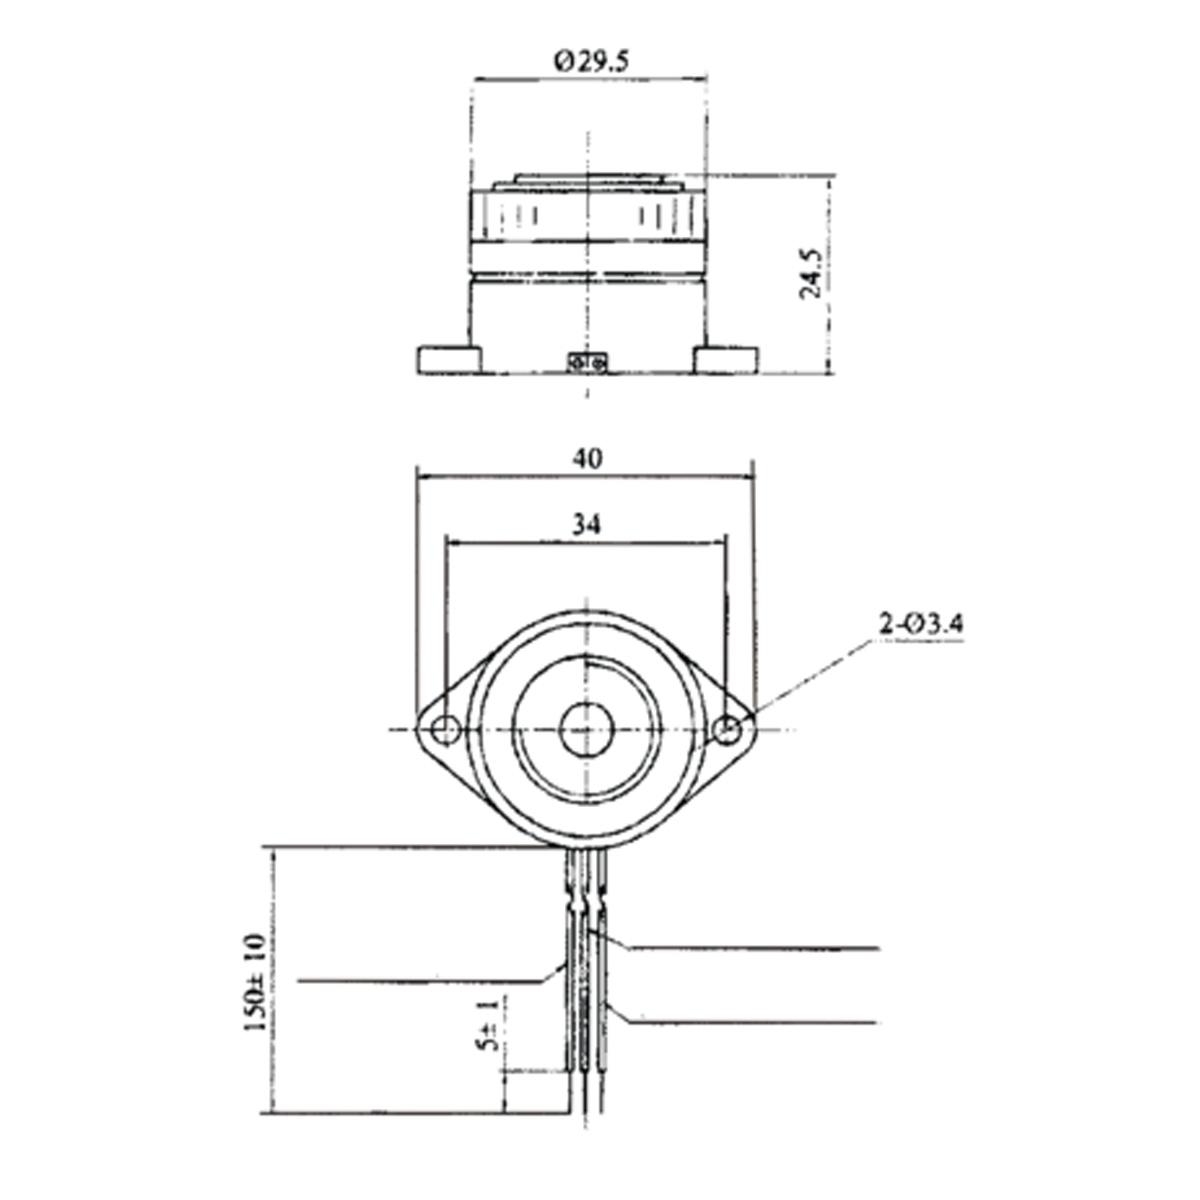 Circuito Zumbador Piezoelectrico : Zumbador piezoelectrico vdc intermitente gt sensores